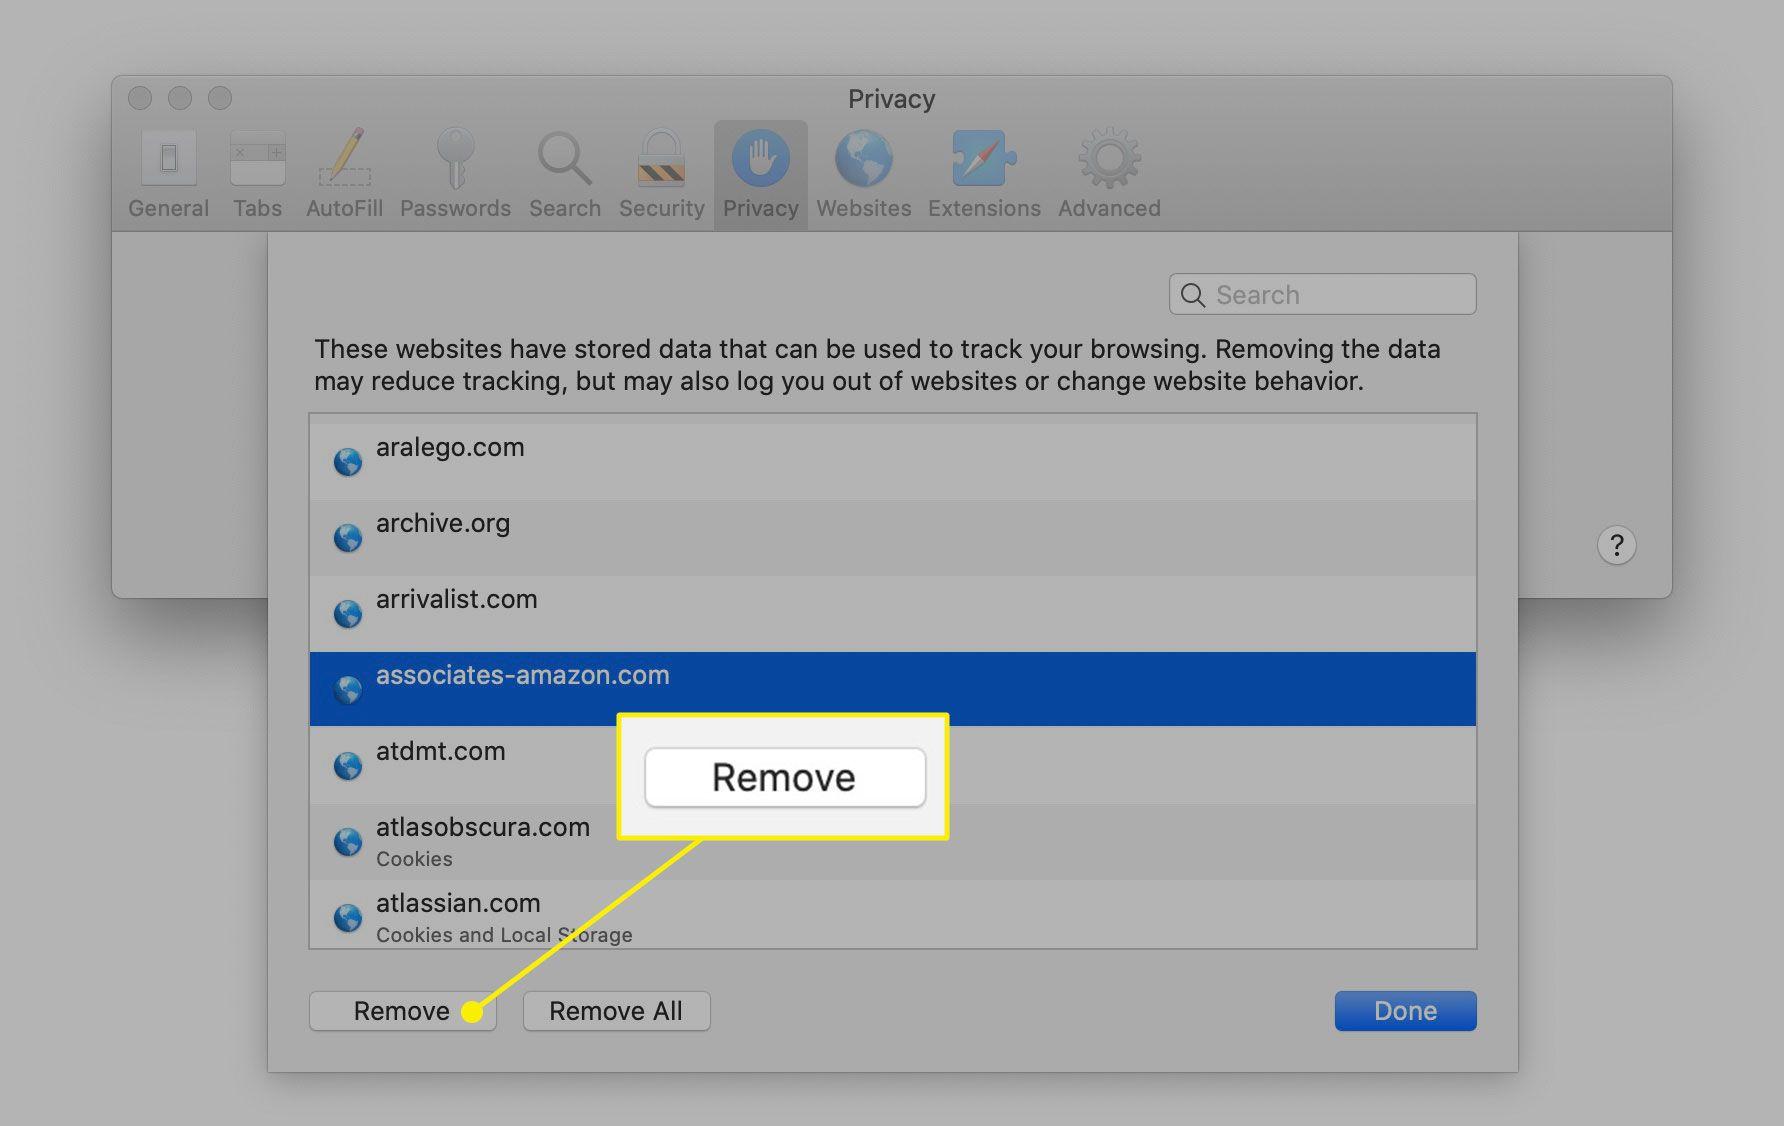 The Remove button for site cookies in Safari